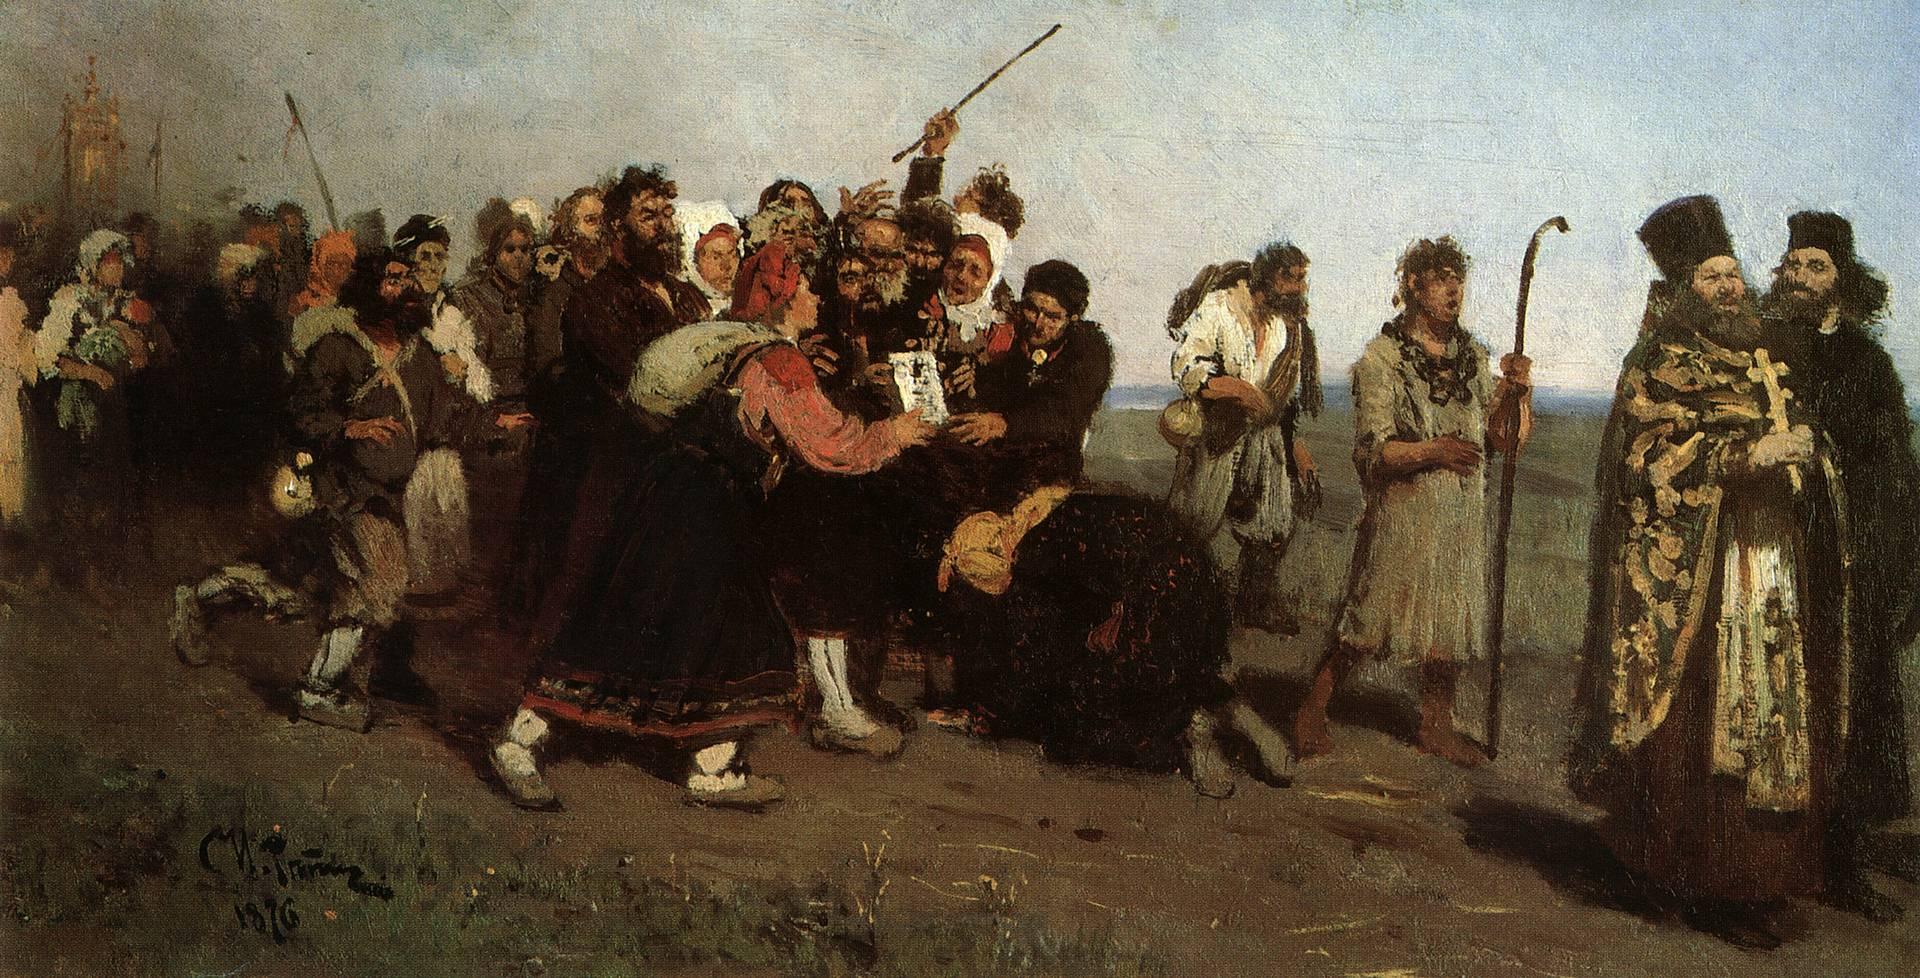 Илья Репин. Крестный ход (эскиз). 1877